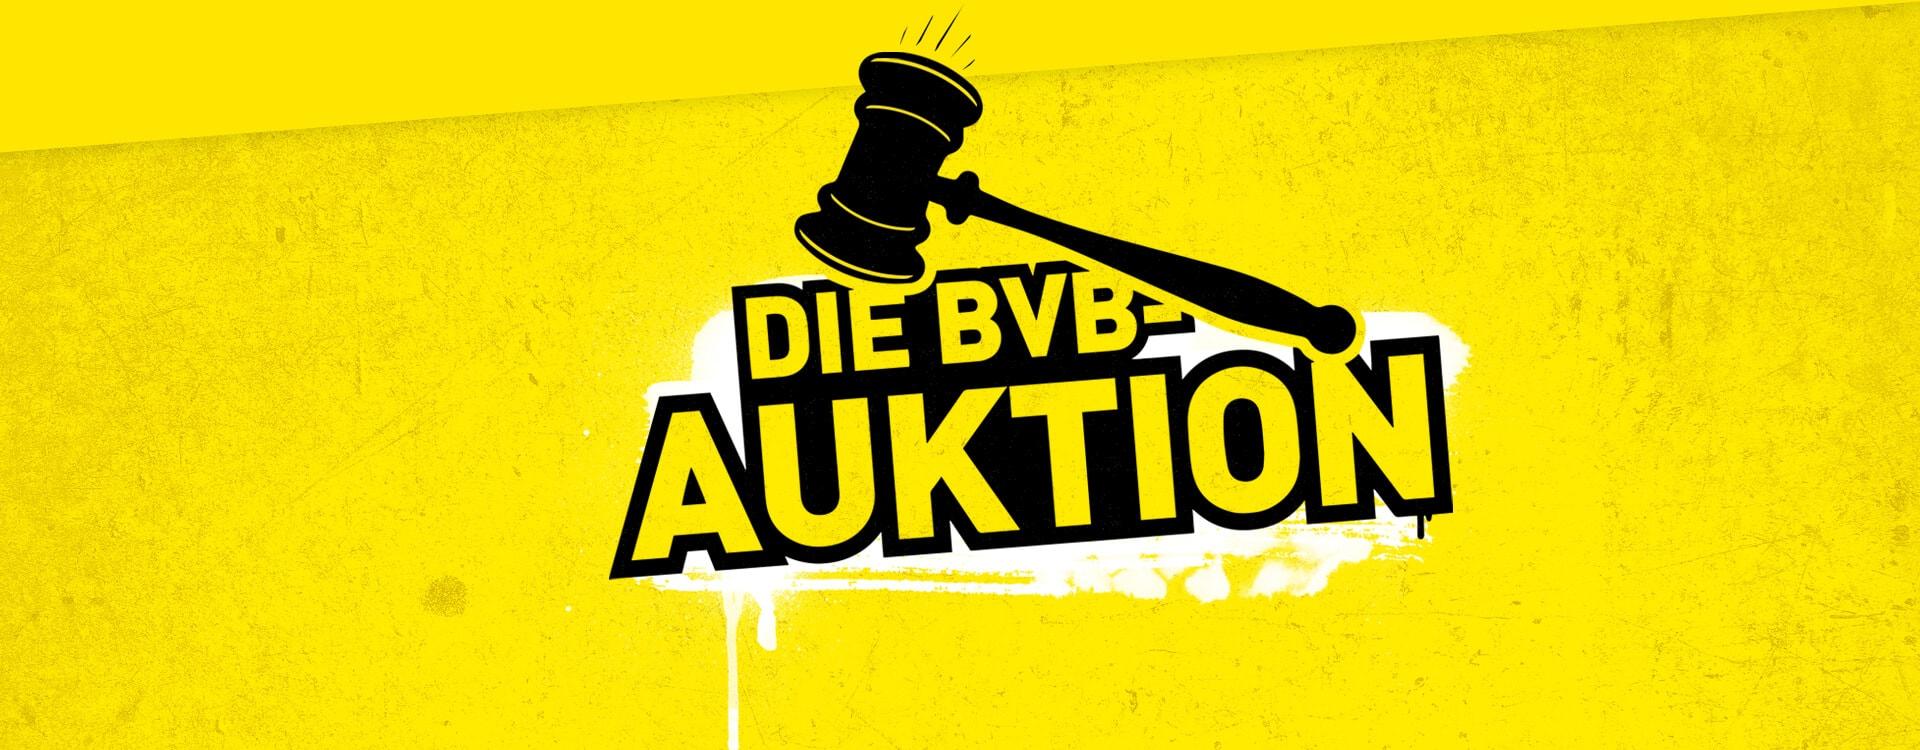 Onlineshop-Kategoriebuehnen-Desktop_Auktion2